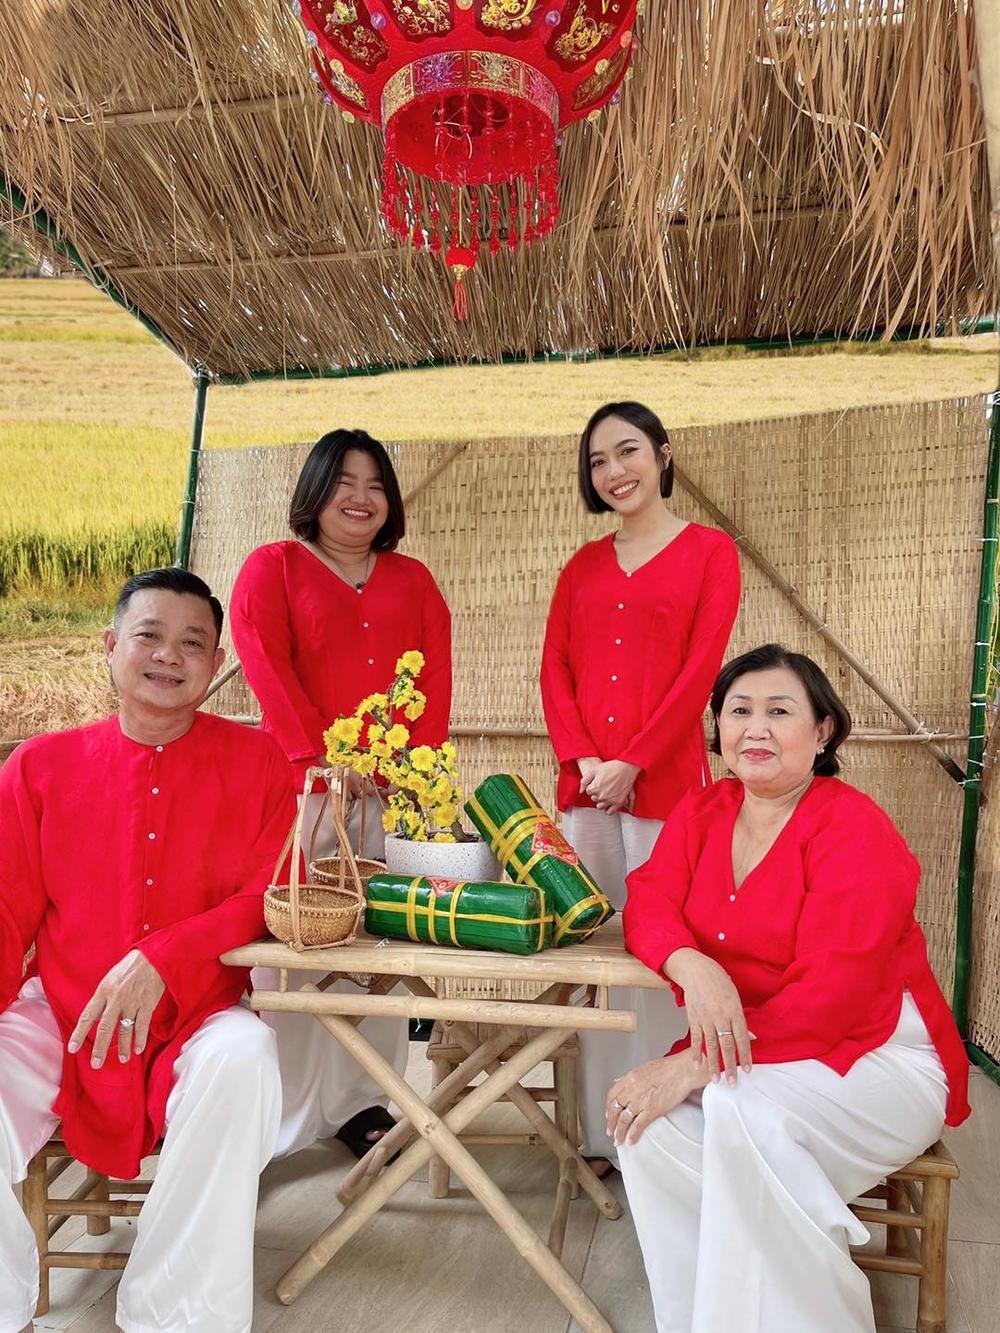 Sao Việt mùng 1 Tết Tân Sửu: Gia đình Hà Hồ đỏ rực 'xuất hành', Lan Ngọc khoe nhan sắc mặn mà cuốn hút Ảnh 4